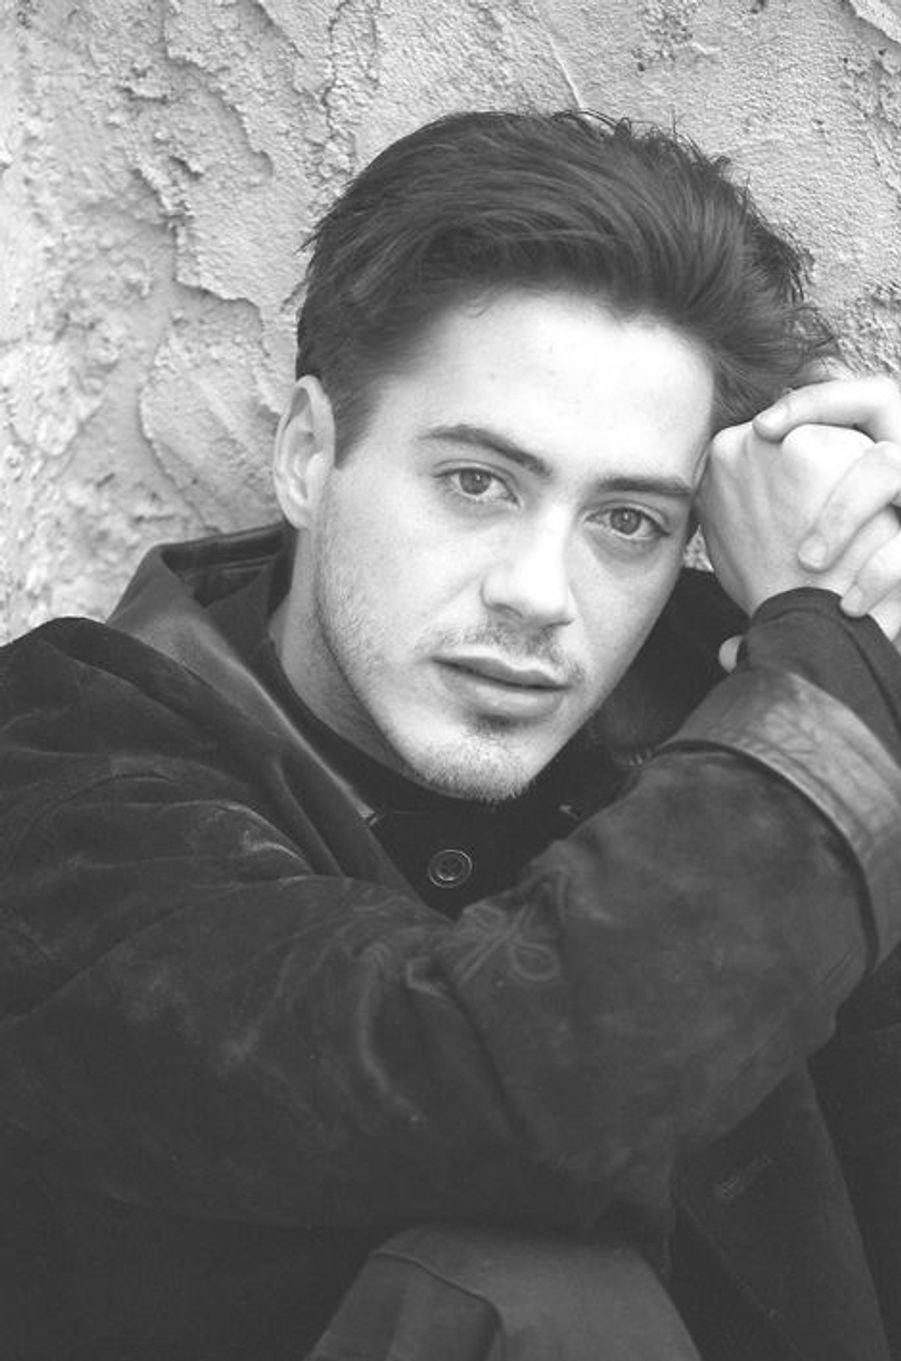 Début de carrière exemplaire pour Robert Downey Jr. en 1988